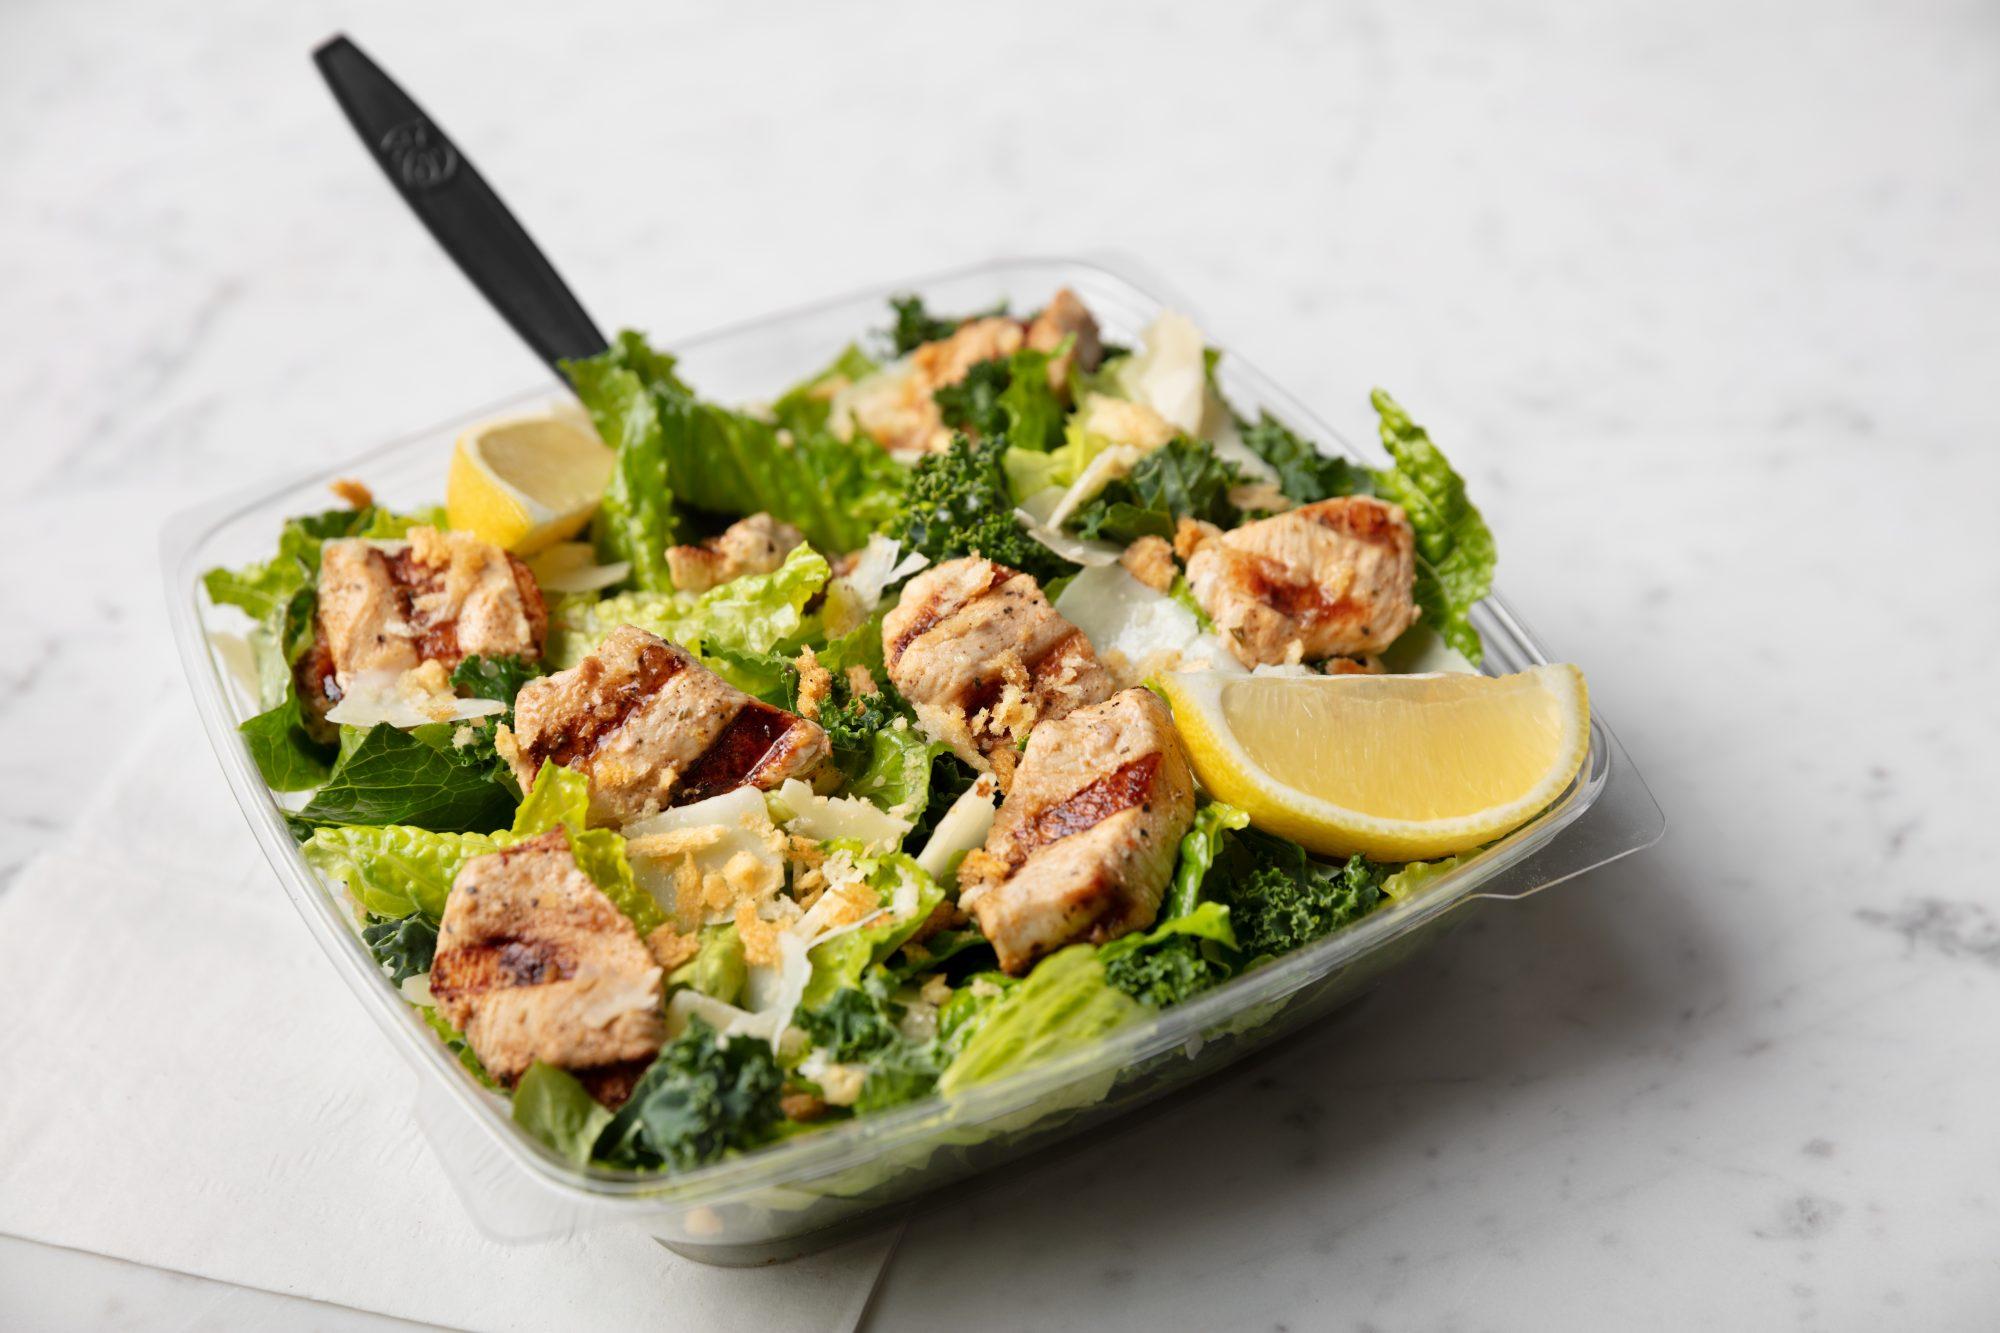 Ensalada de kale con pollo de Chick-fil-A